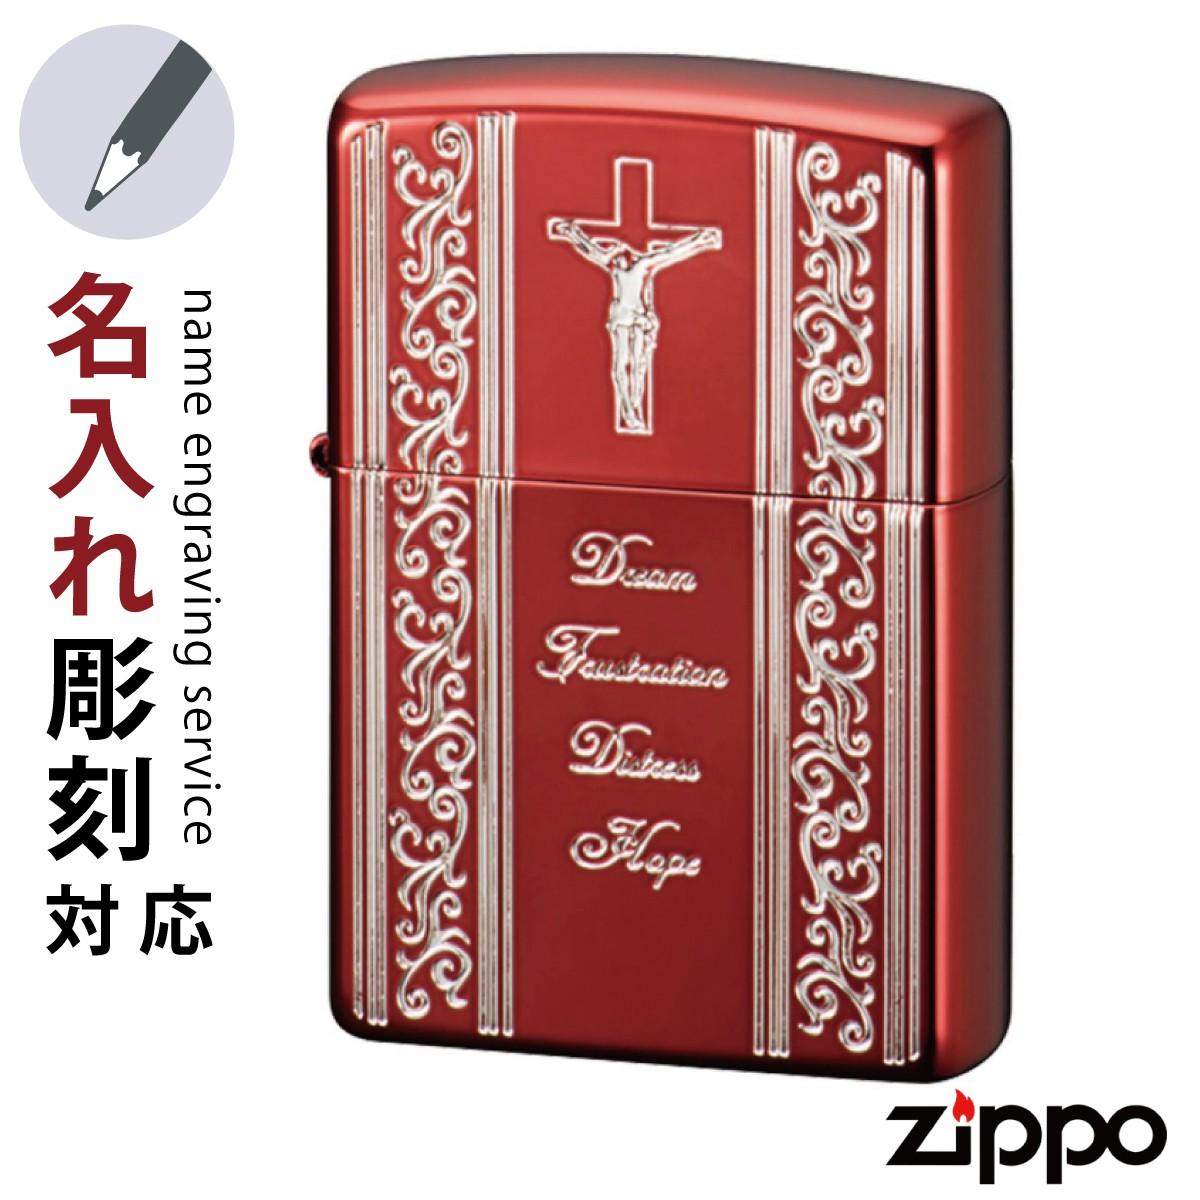 Zippo ジッポー Zippoライター ジッポライター レッド 名入れ キリスト スピリッツオブレッド キリスト 名入れ ギフト